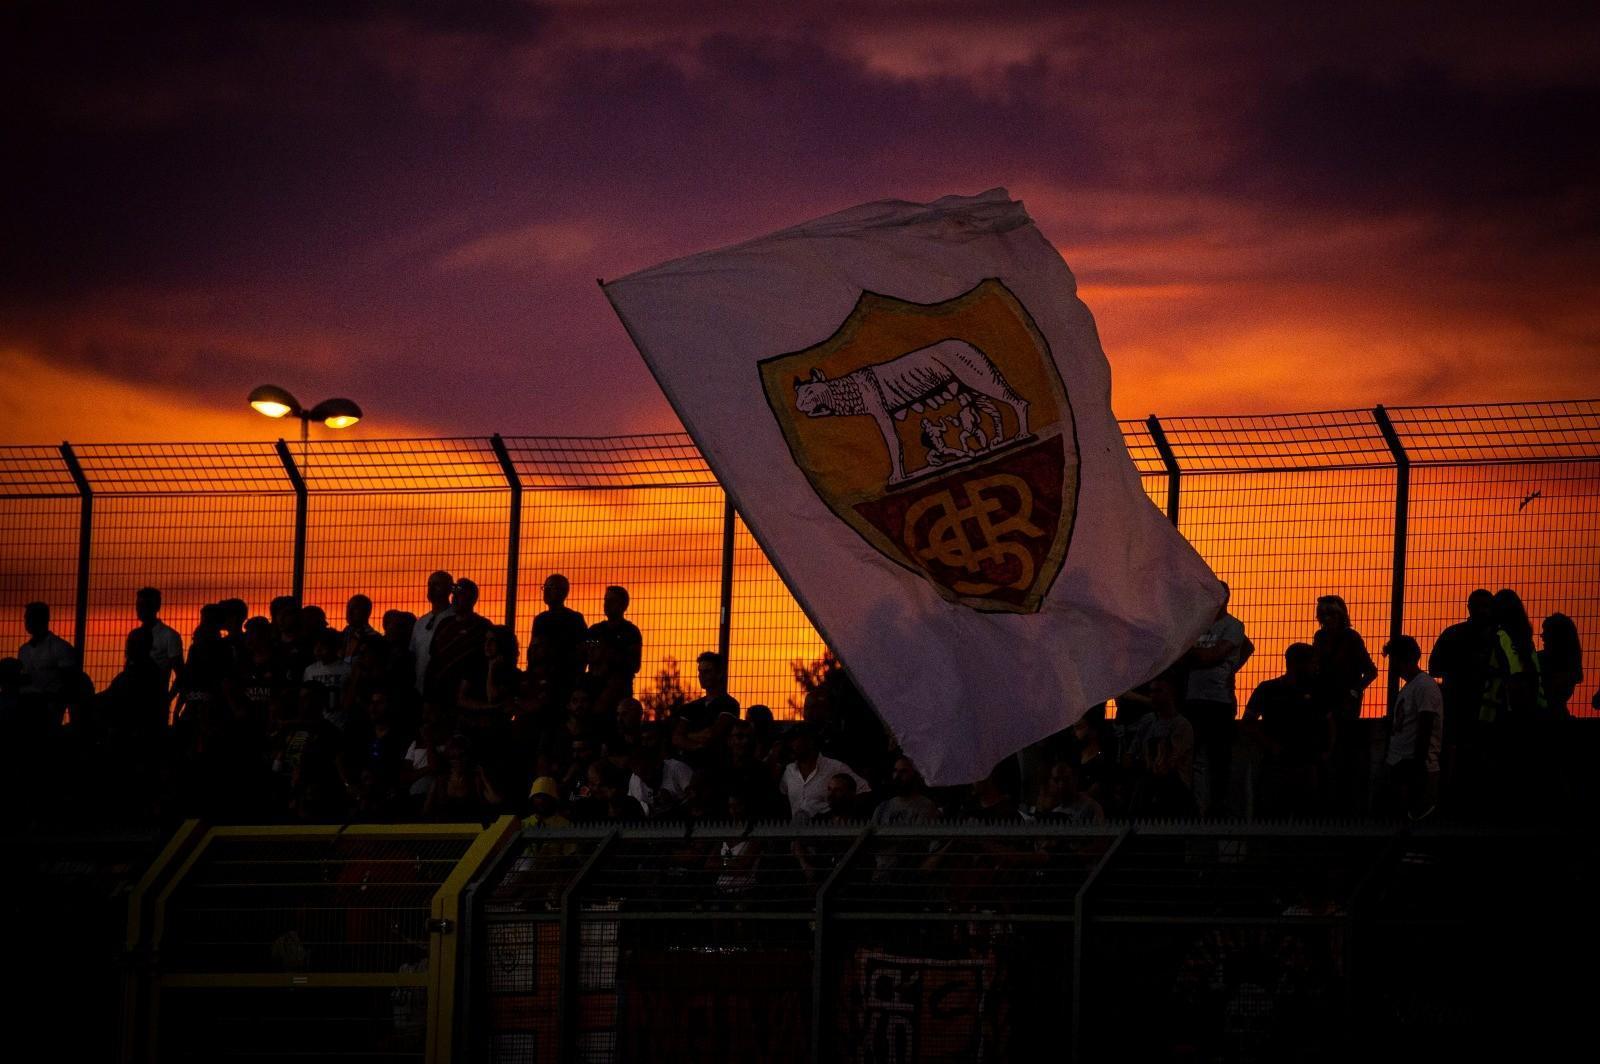 Arezzo-Roma, l'ambiente: serata tranquilla per i 679 giallorossi con ...